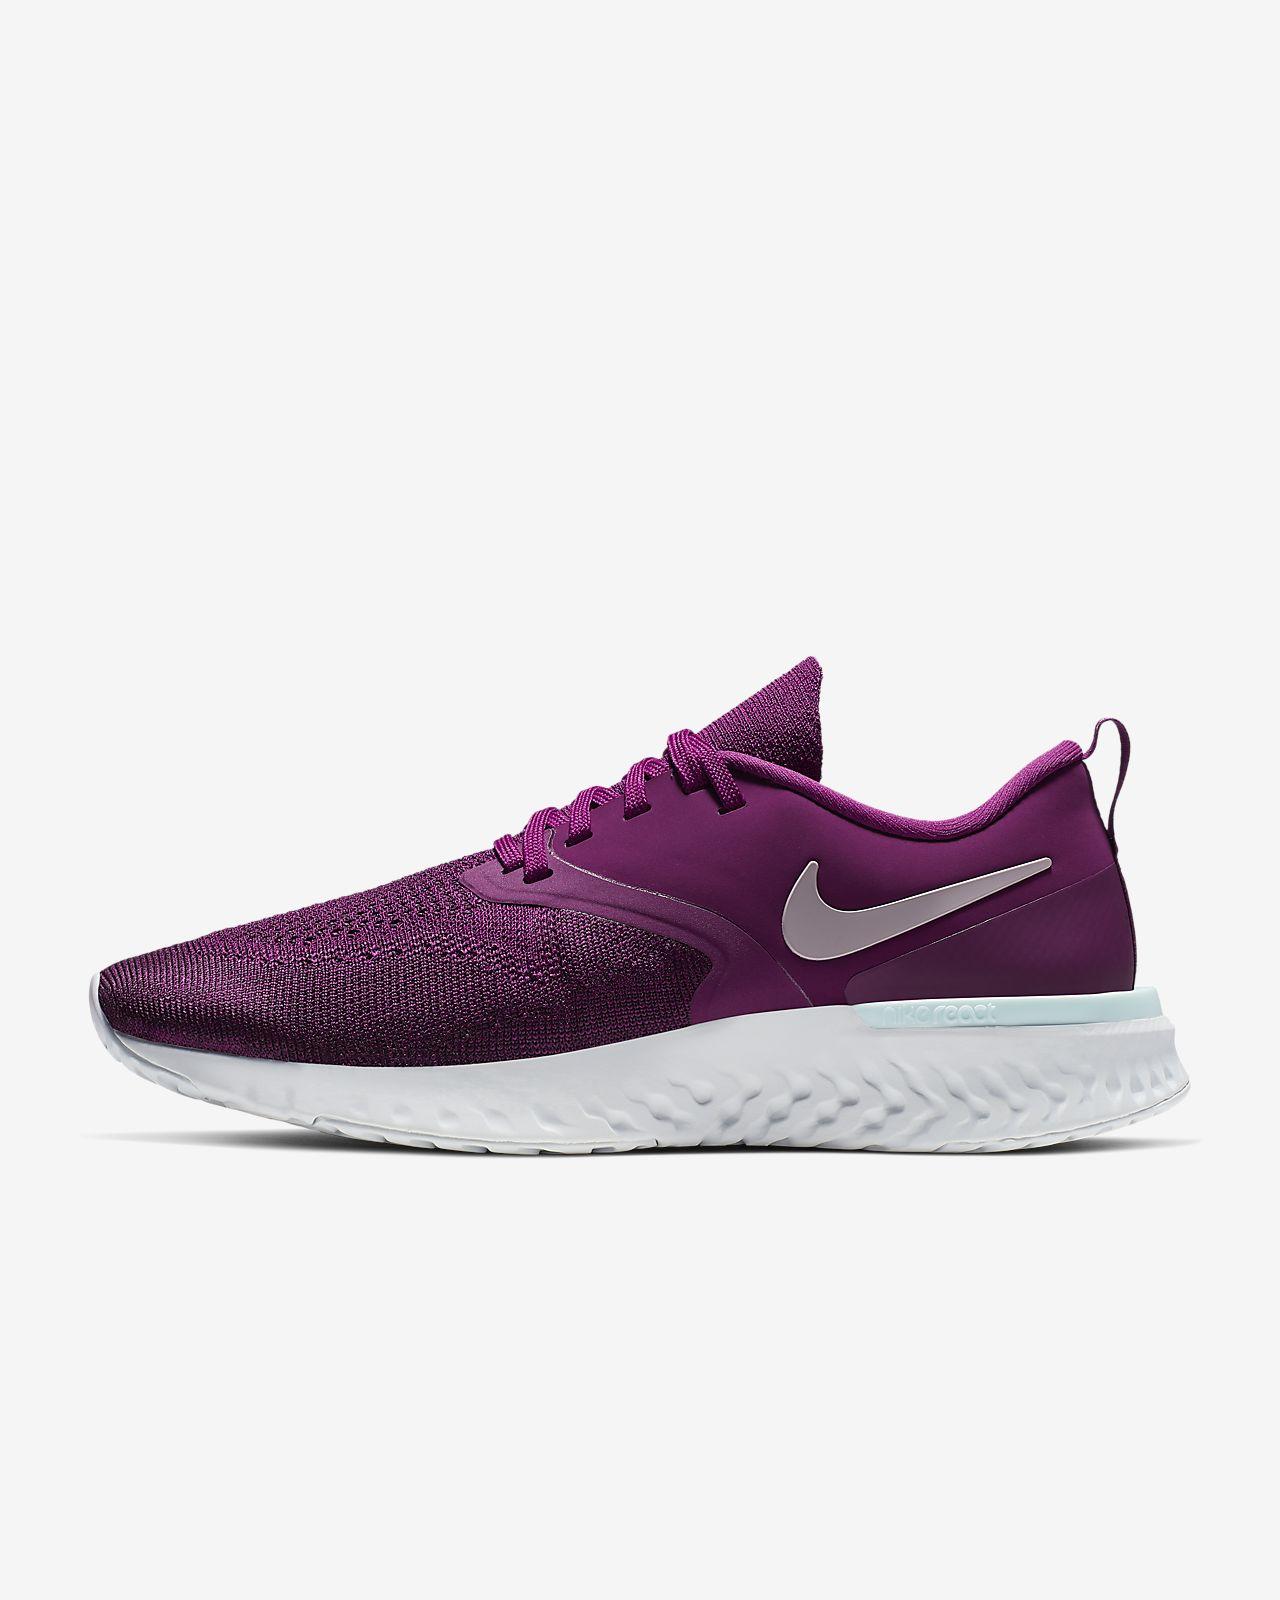 081ff82c3dc Nike Odyssey React Flyknit 2 Women s Running Shoe. Nike.com LU